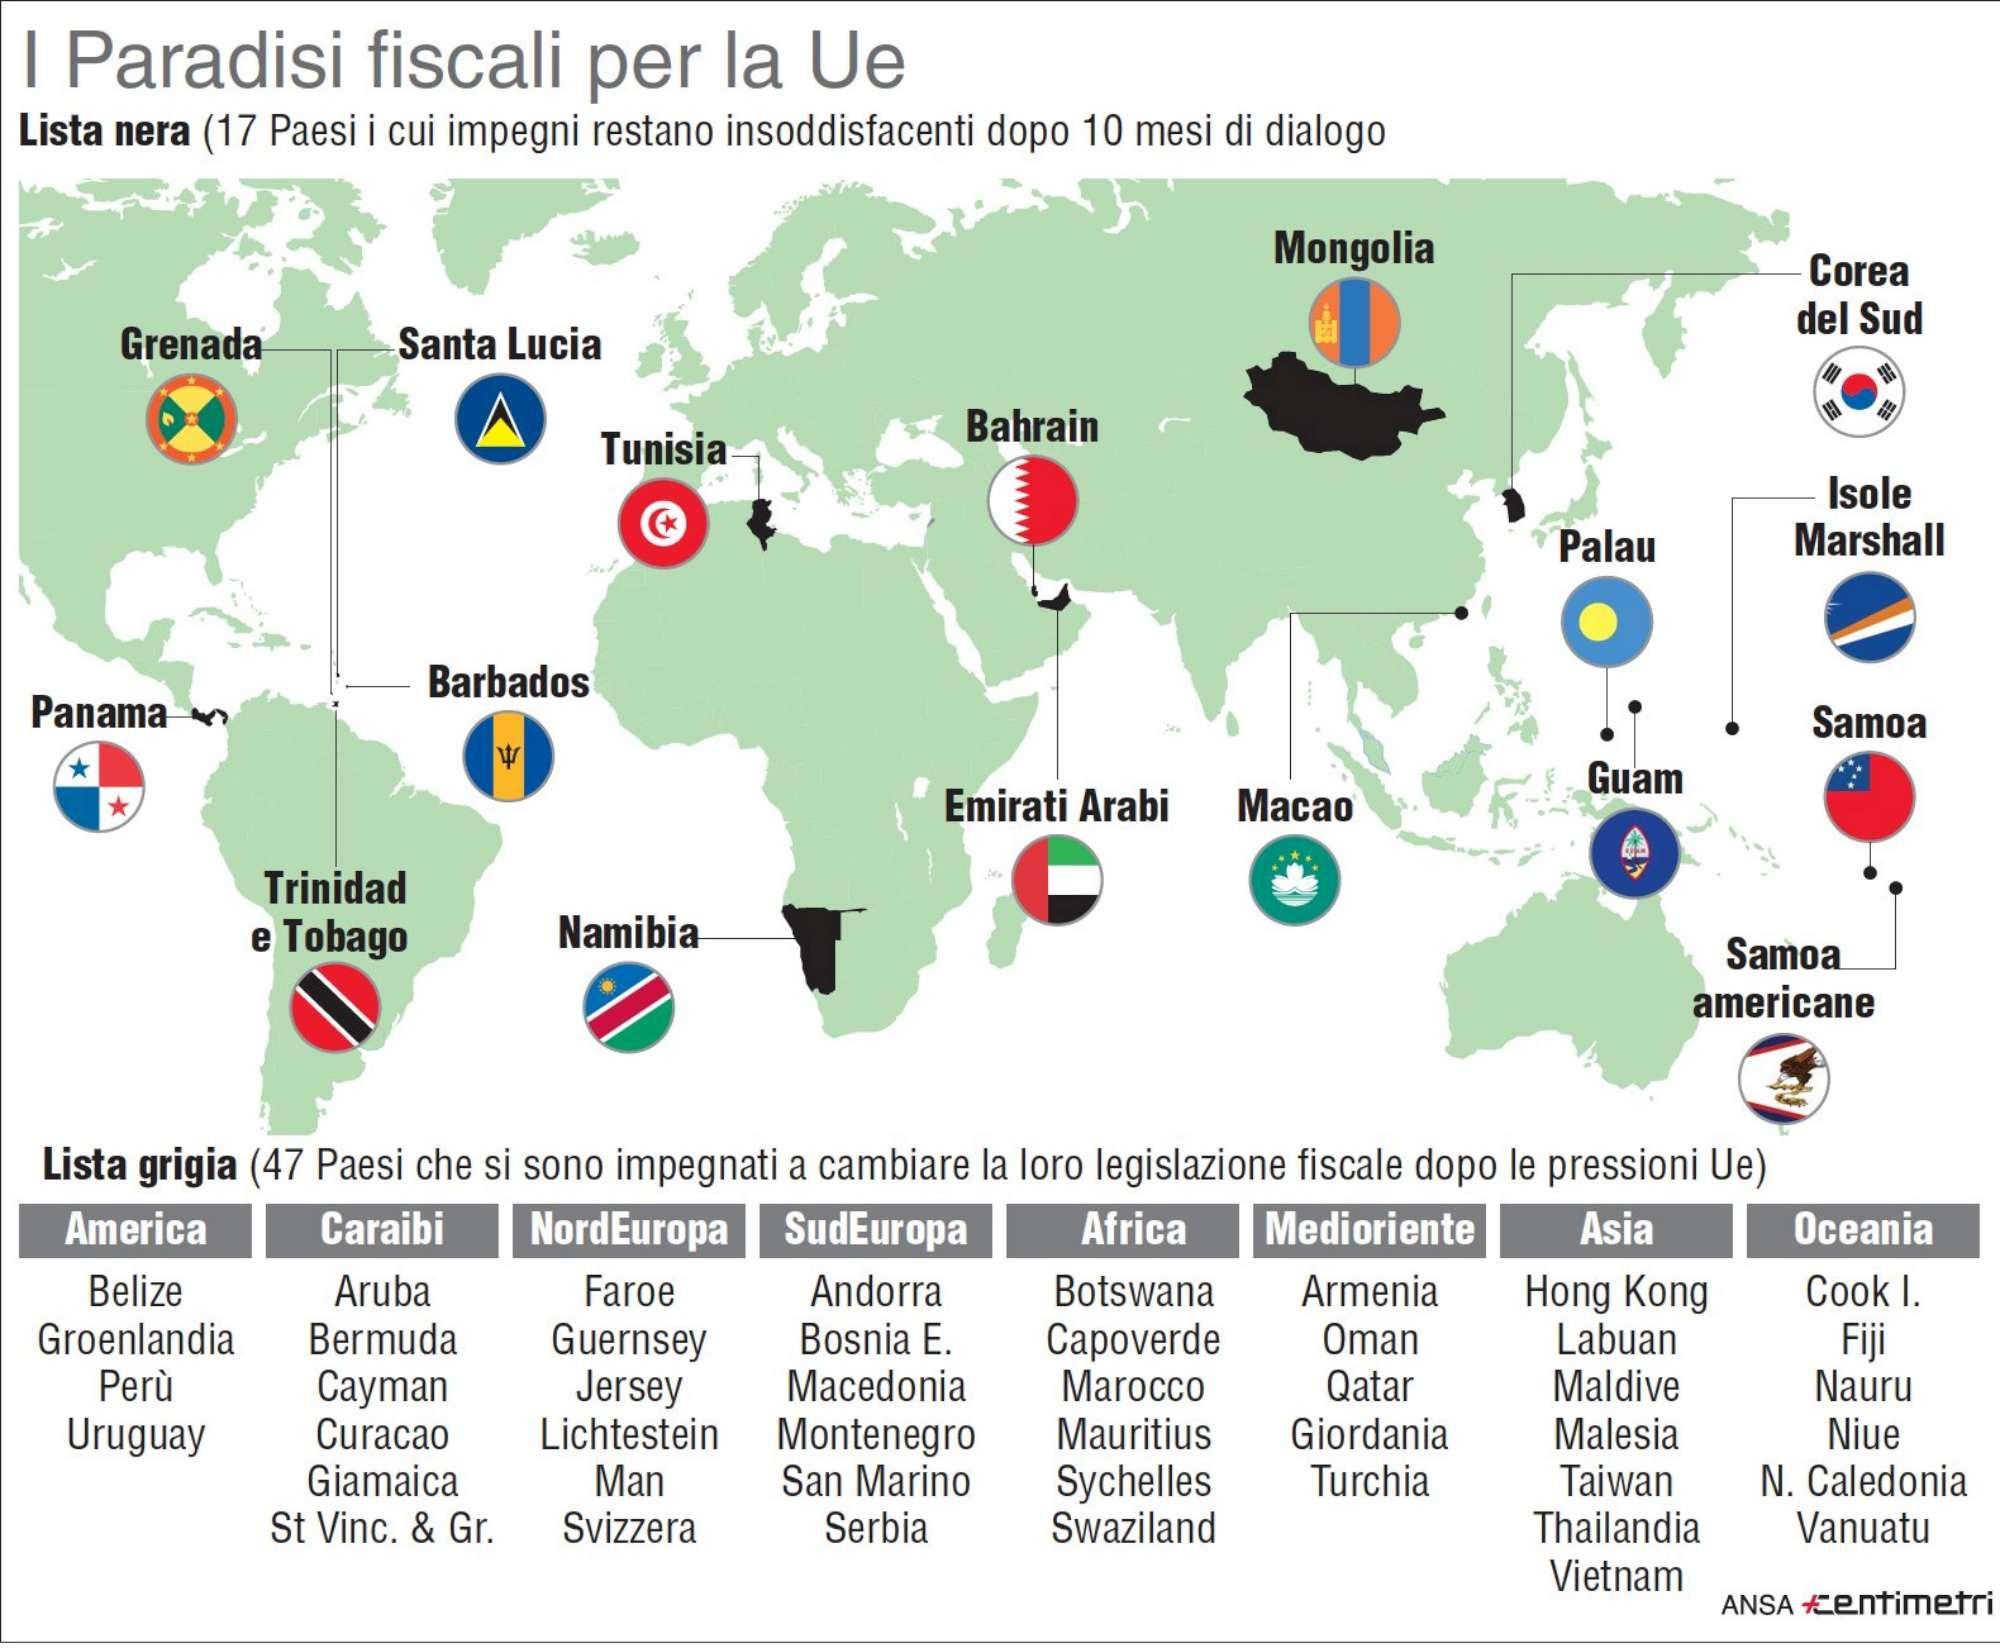 Ecofin, ecco i paradisi fiscali nel mirino